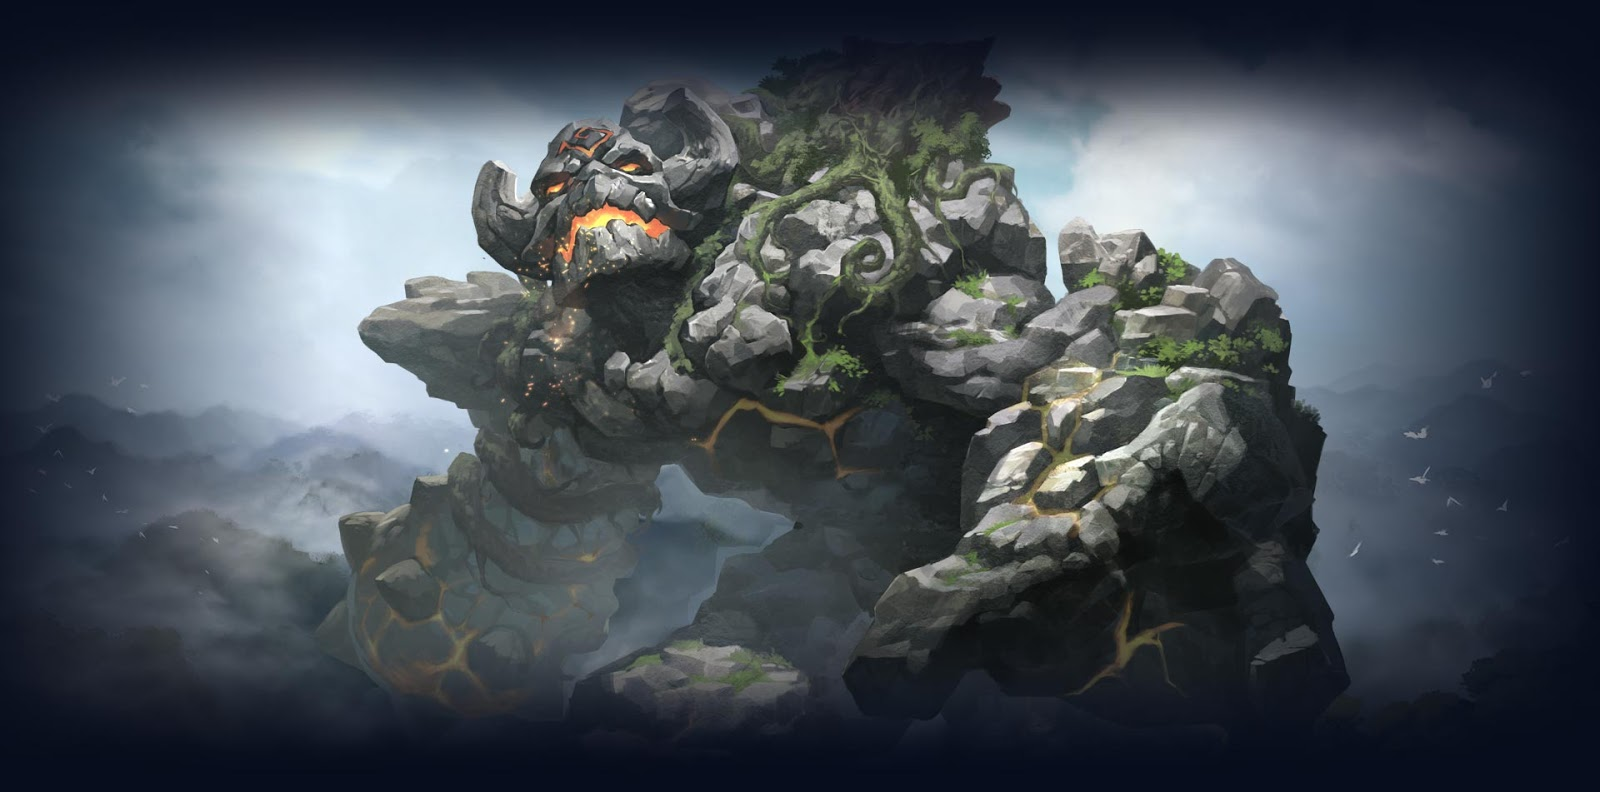 Kumpulan Gambar Dan Wallpaper HD Game AOV Arena Of Valor Mobile